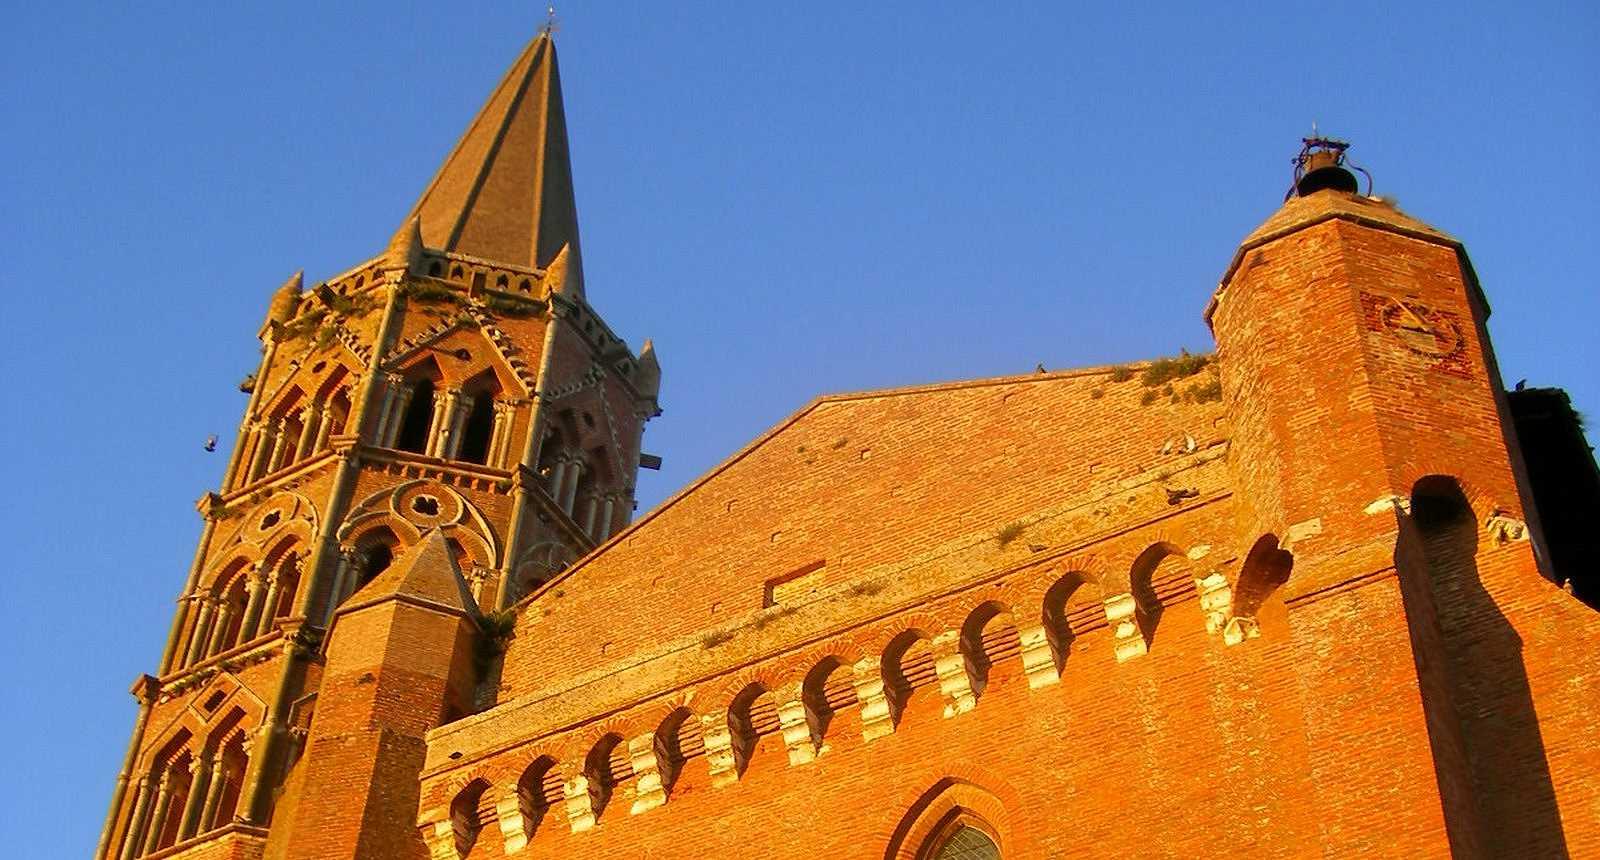 L'église Notre-Dame-de-l'Assomption à Beaumont-de-Lomagne